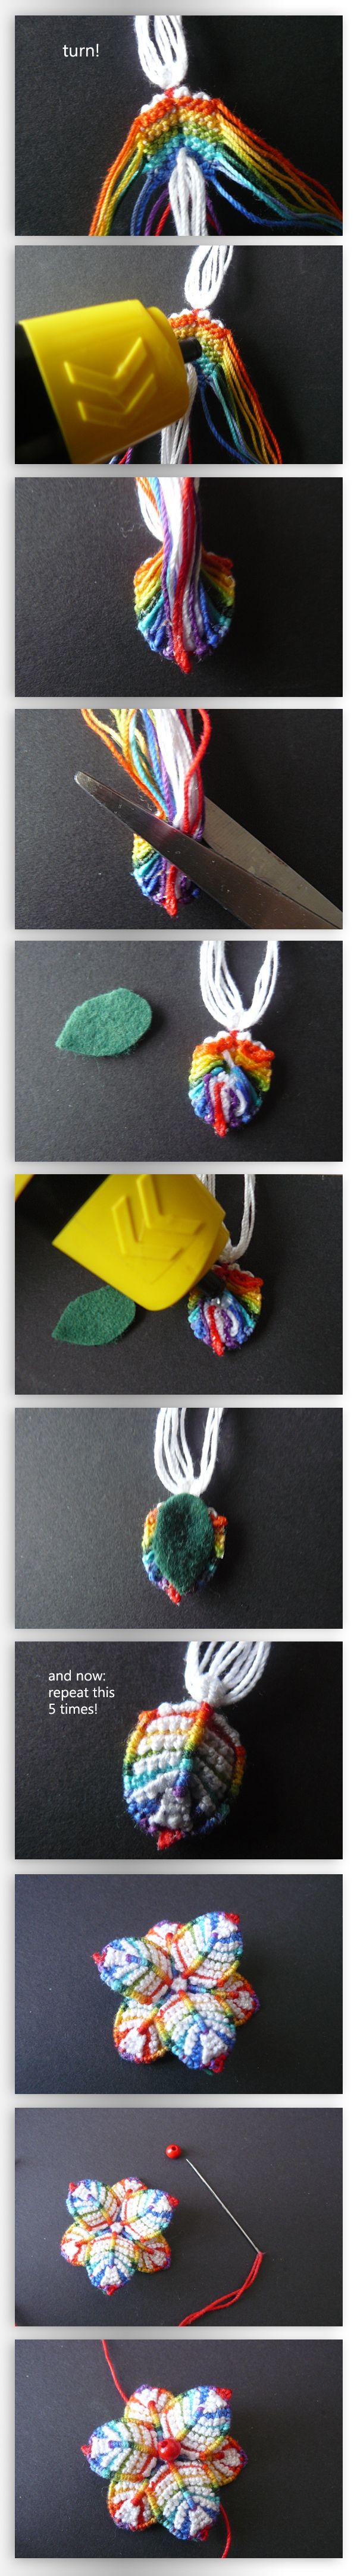 Macramee Flower Tutorial V by nimuae.deviantart.com on @deviantART